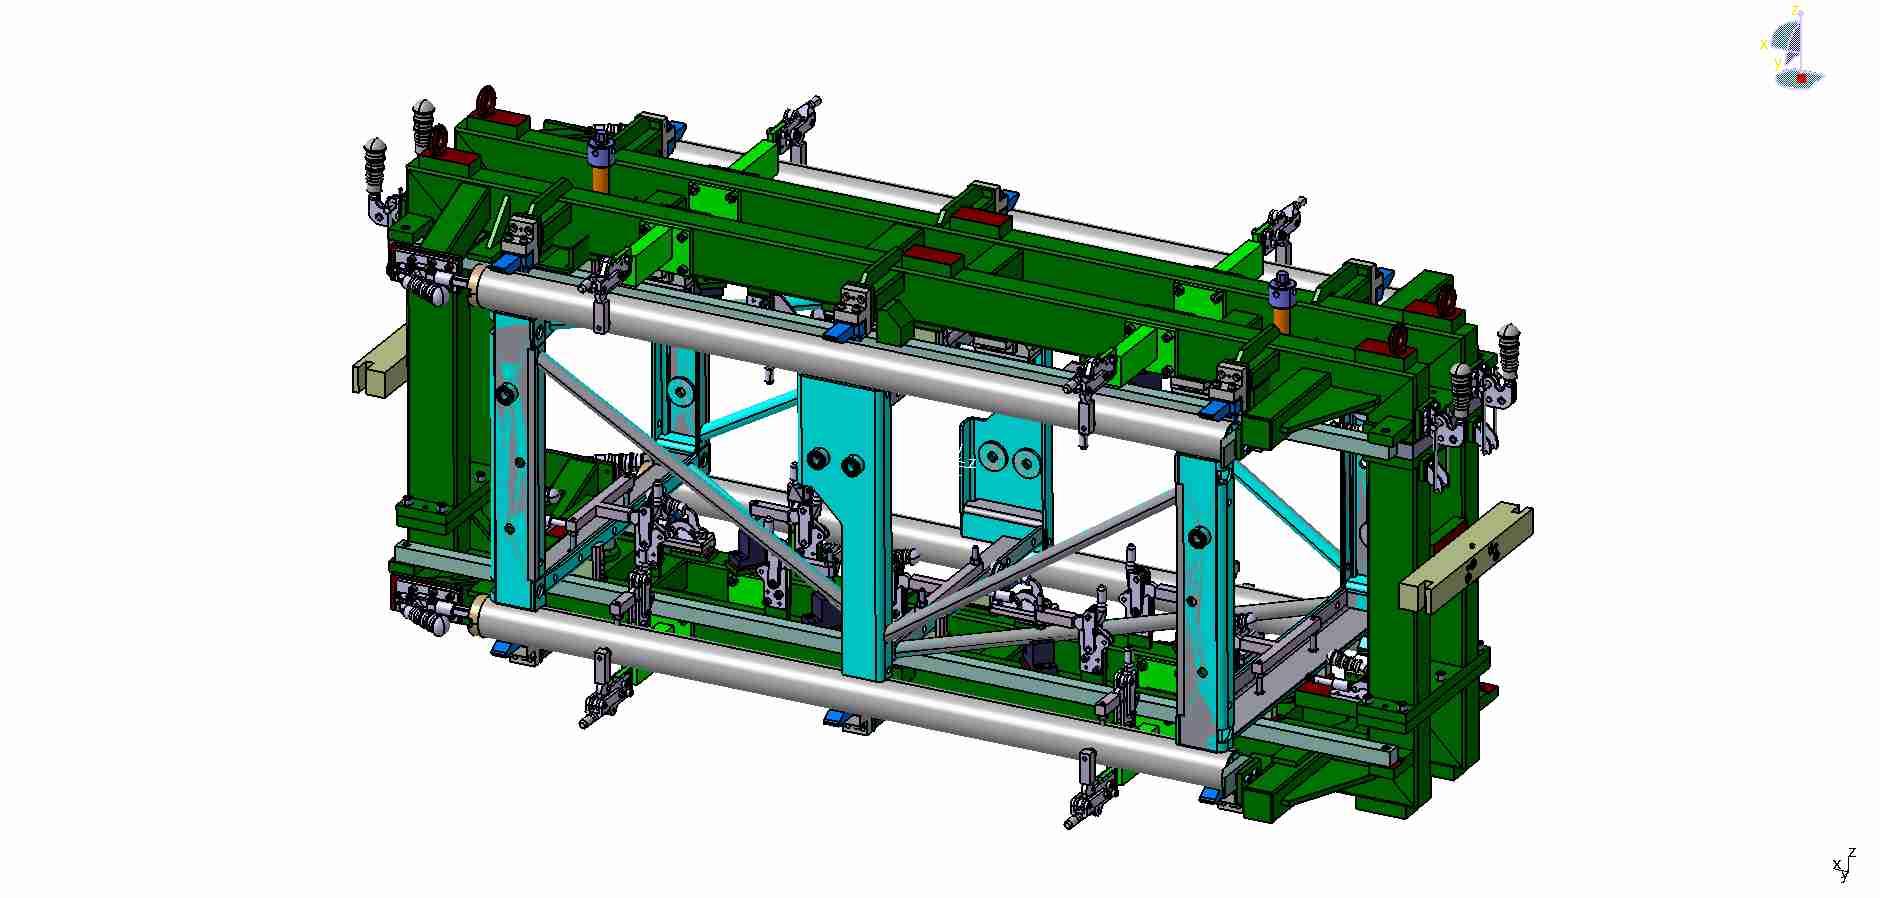 Robotový svařovací přípravek pro výtahové konstrukce - Stros - Sedlčany